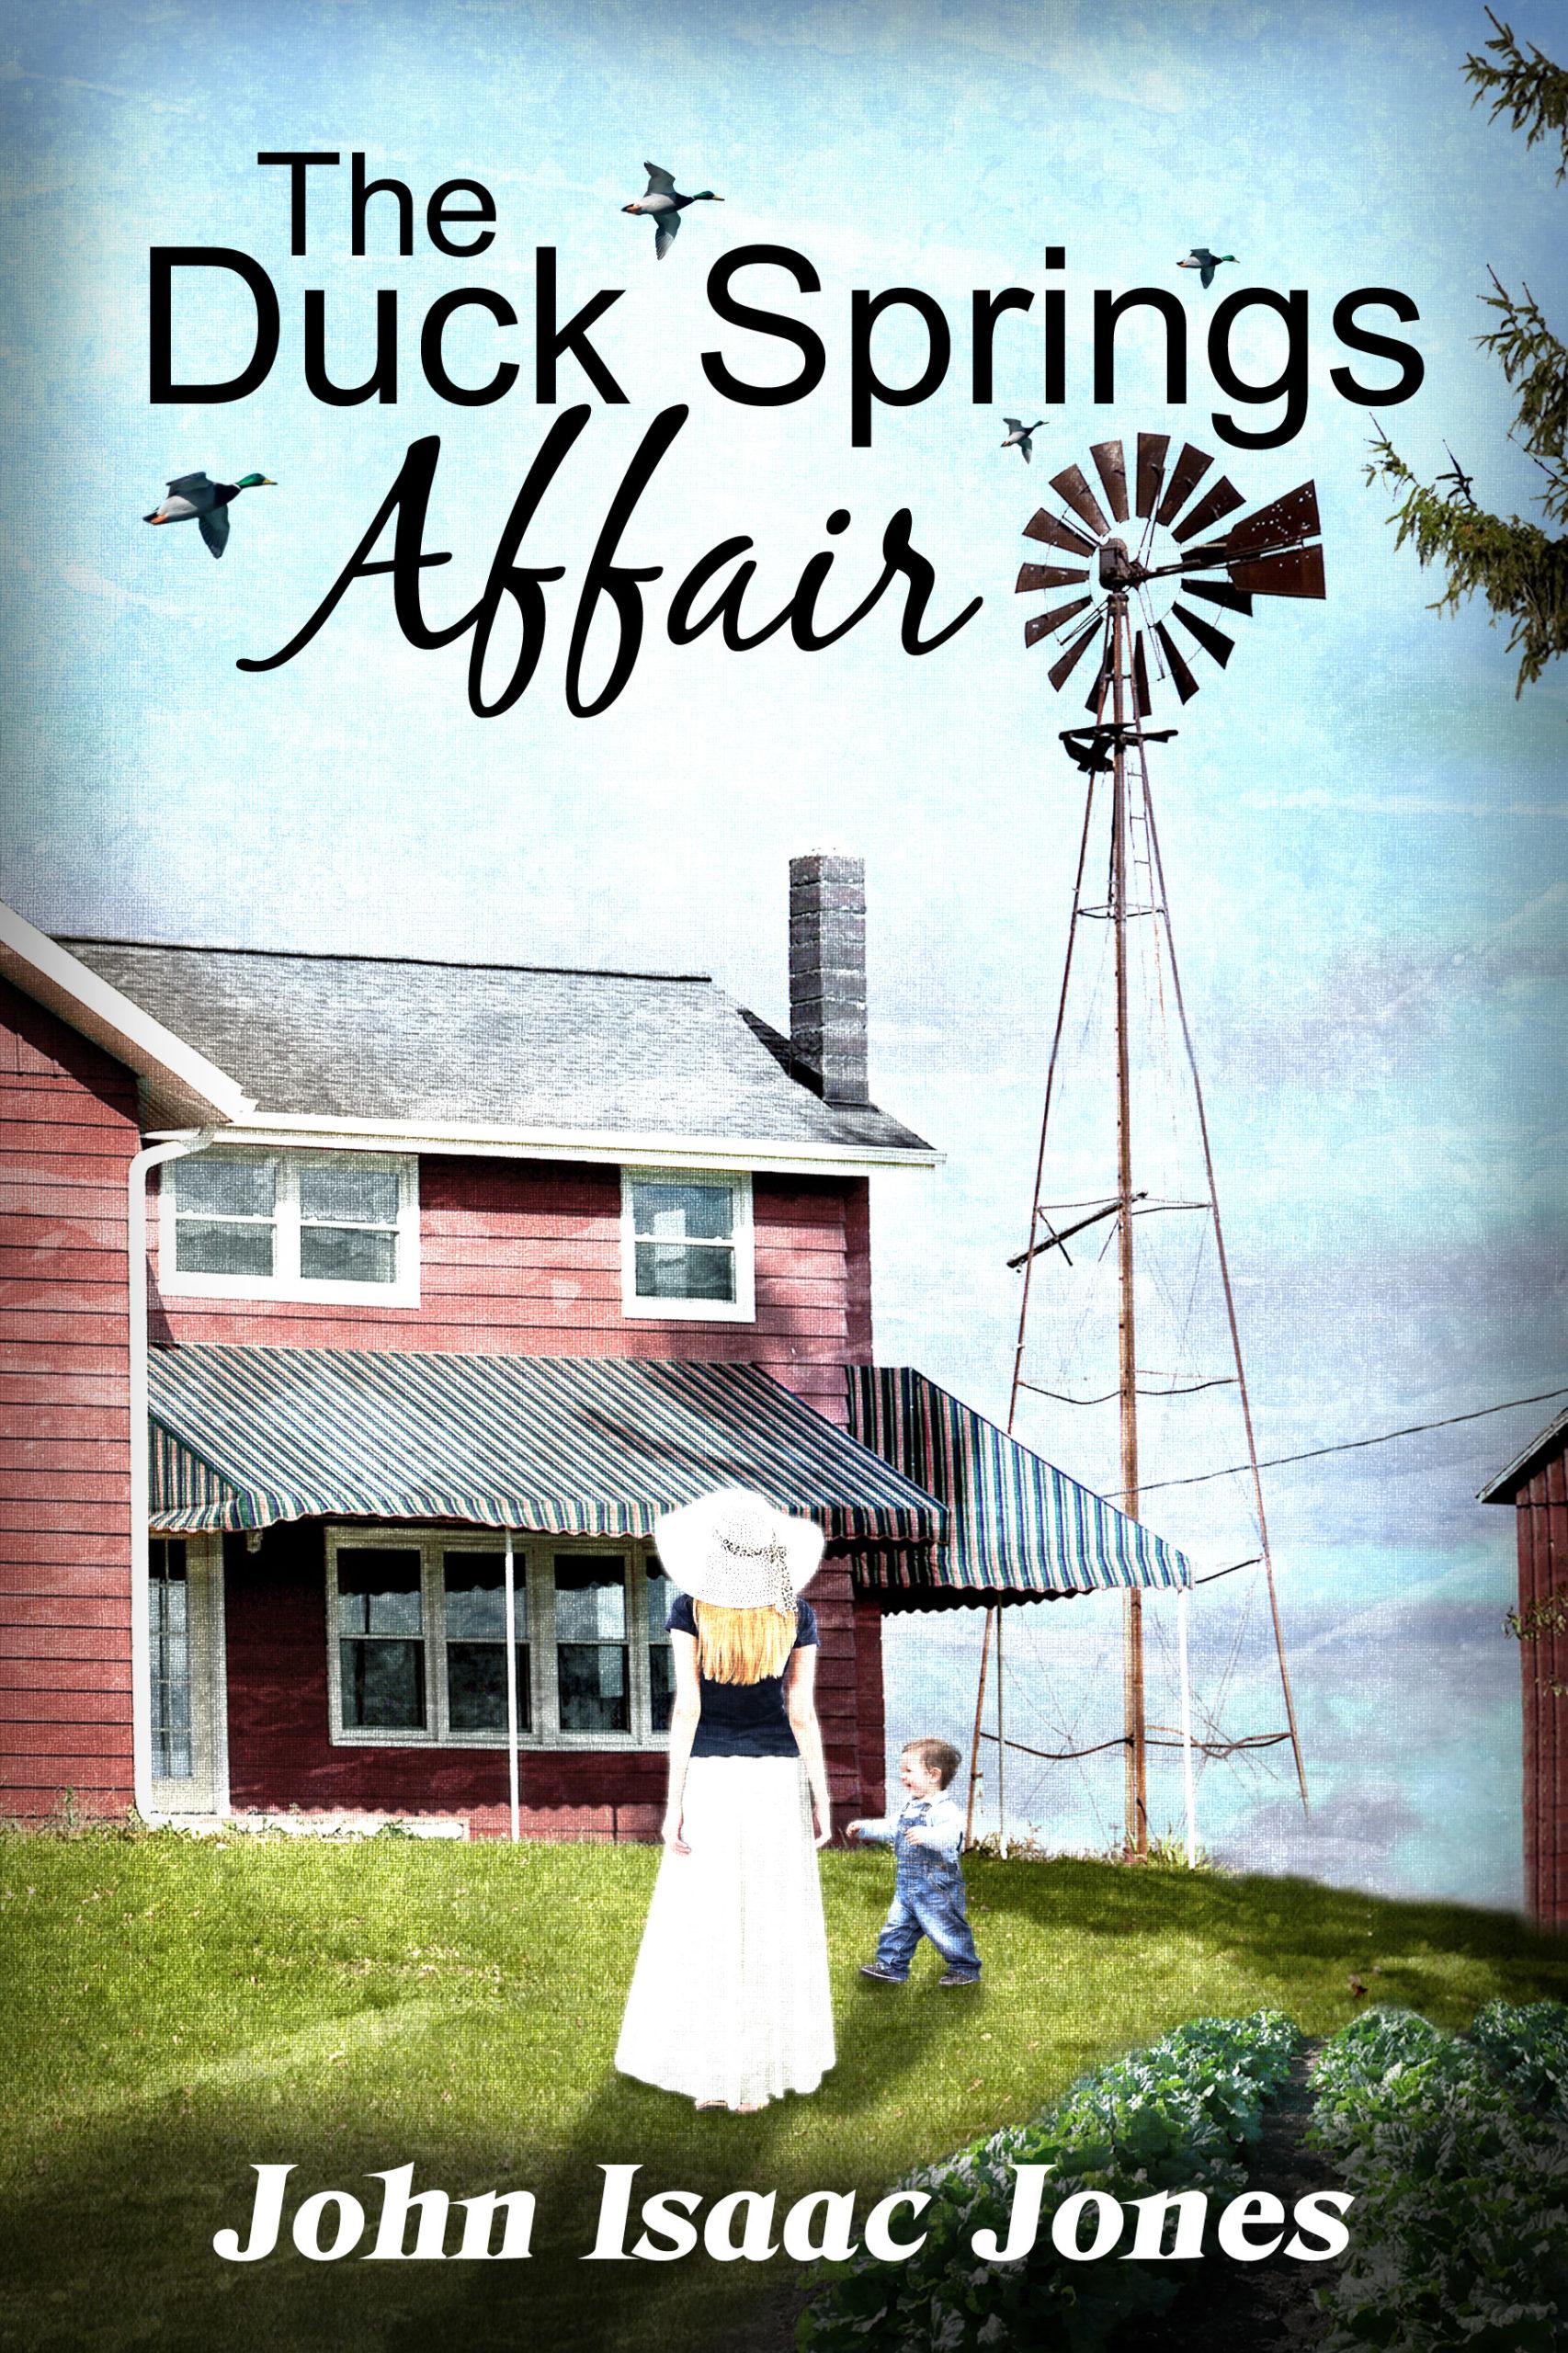 The-Duck-Springs-Affair-eBook-with-ducks.jpg